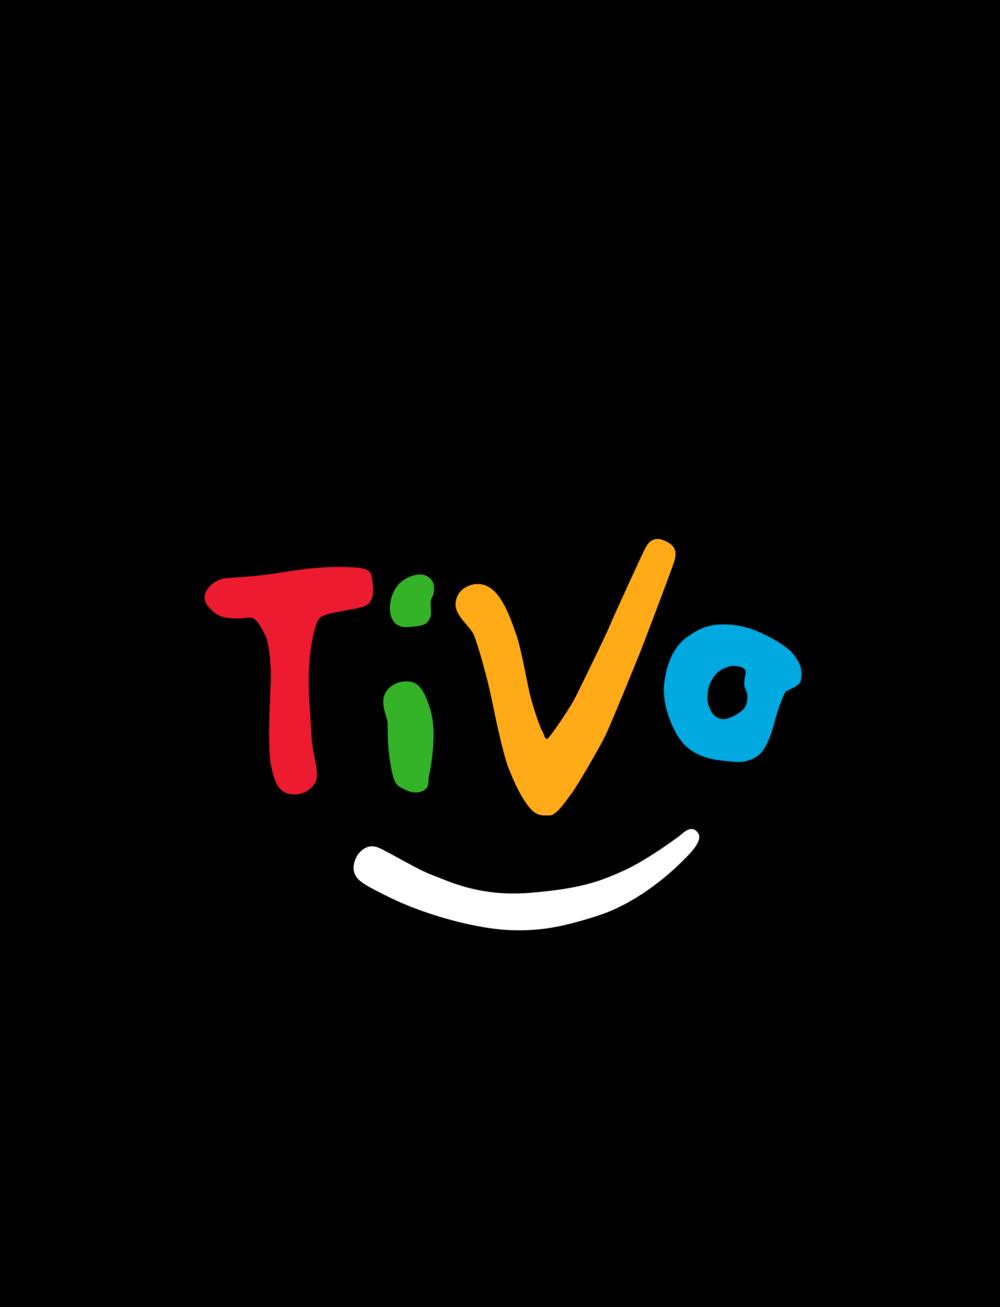 TiVo.png